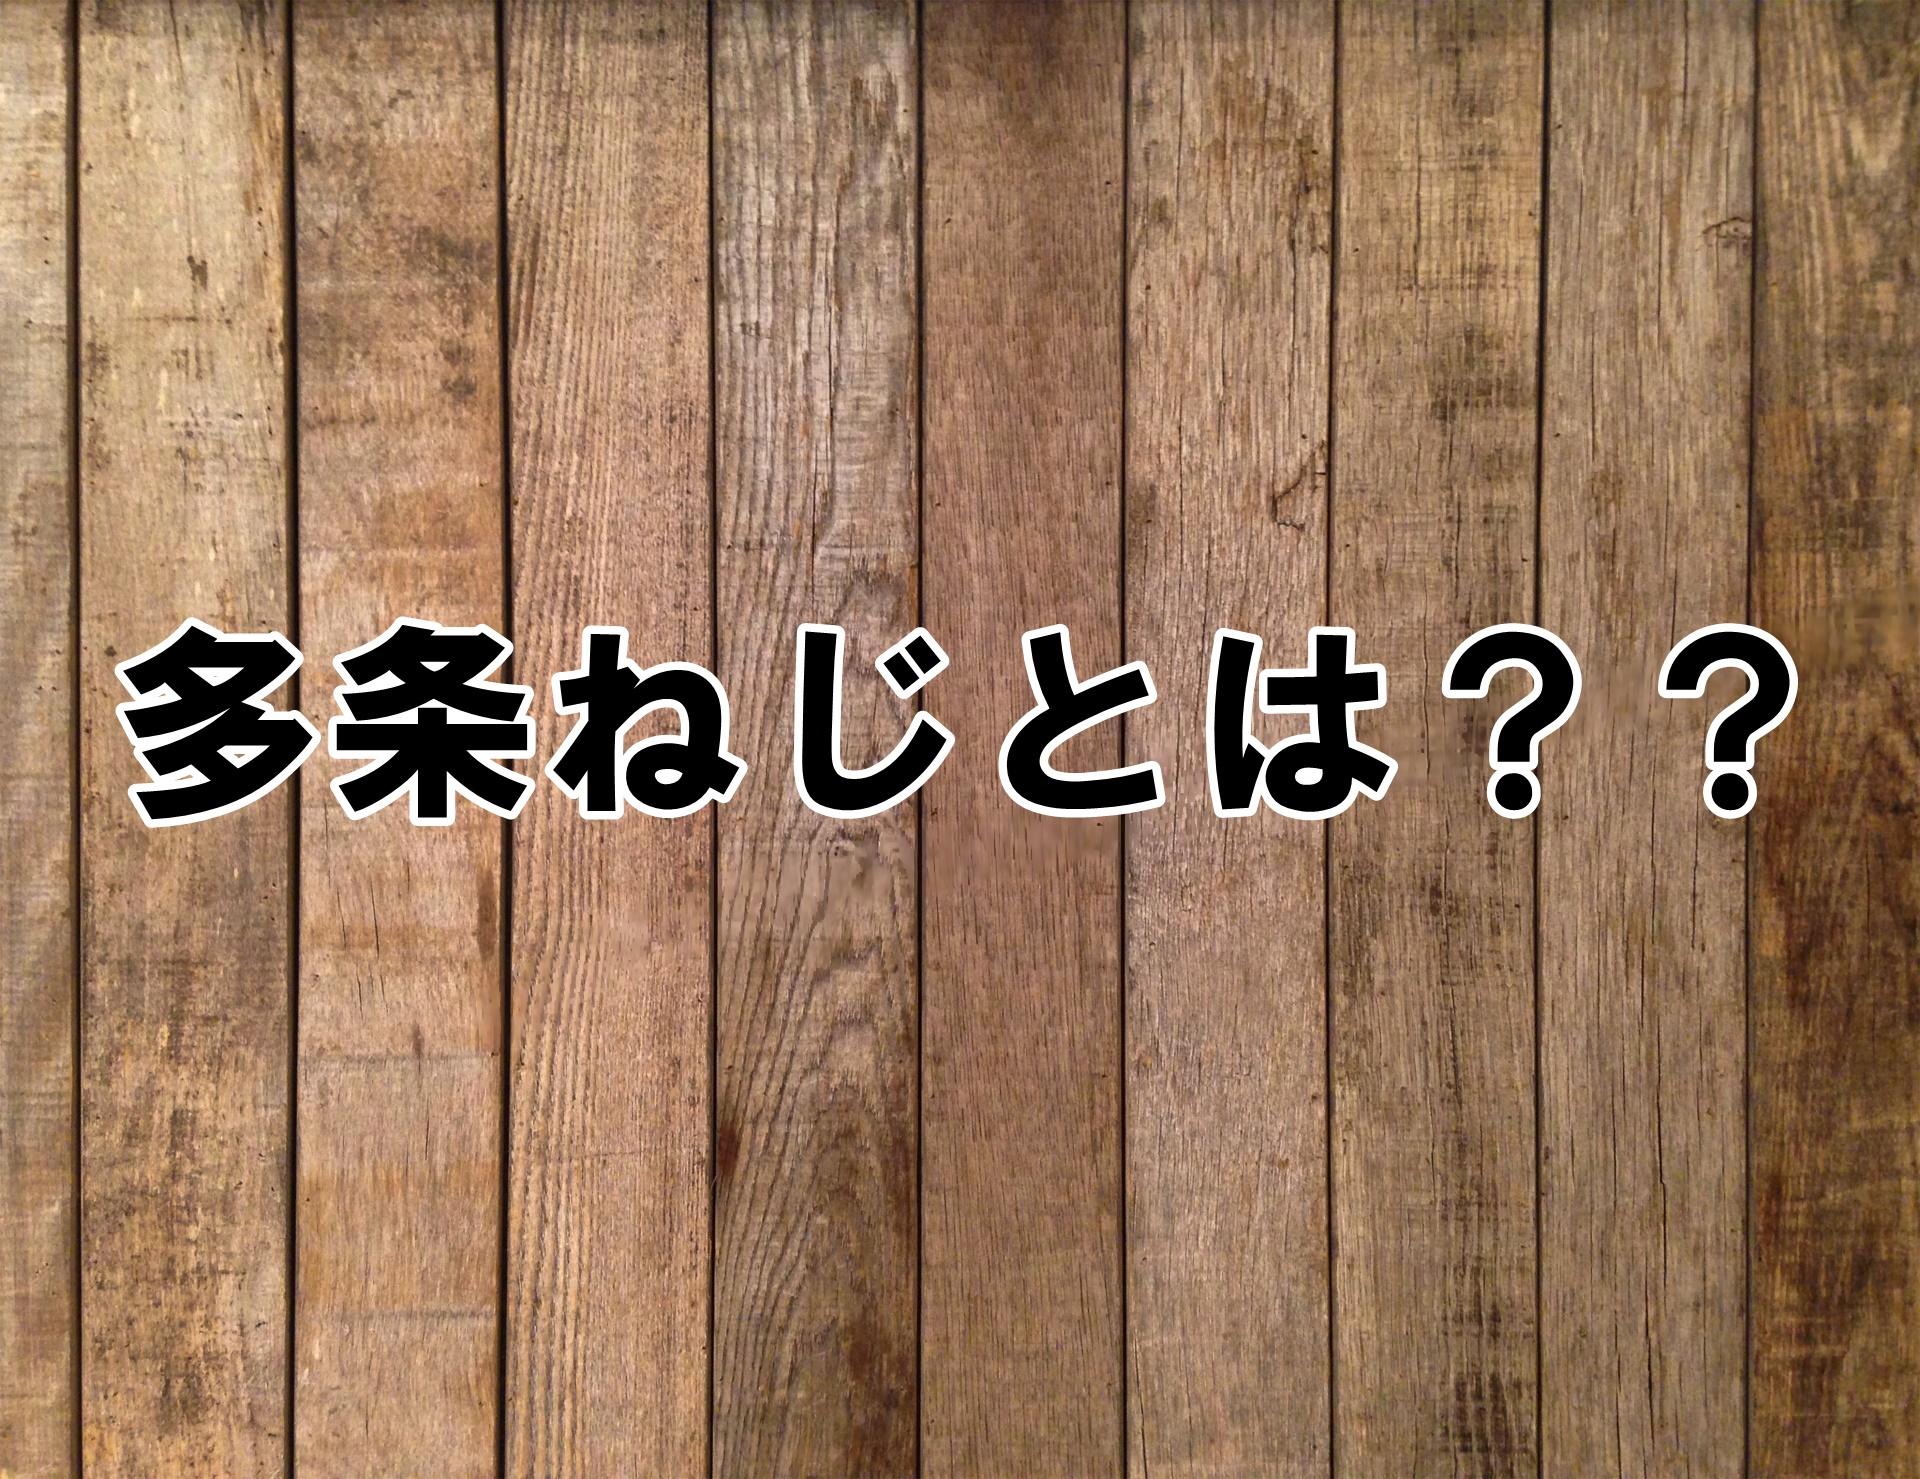 『多条ねじ』とは何か?